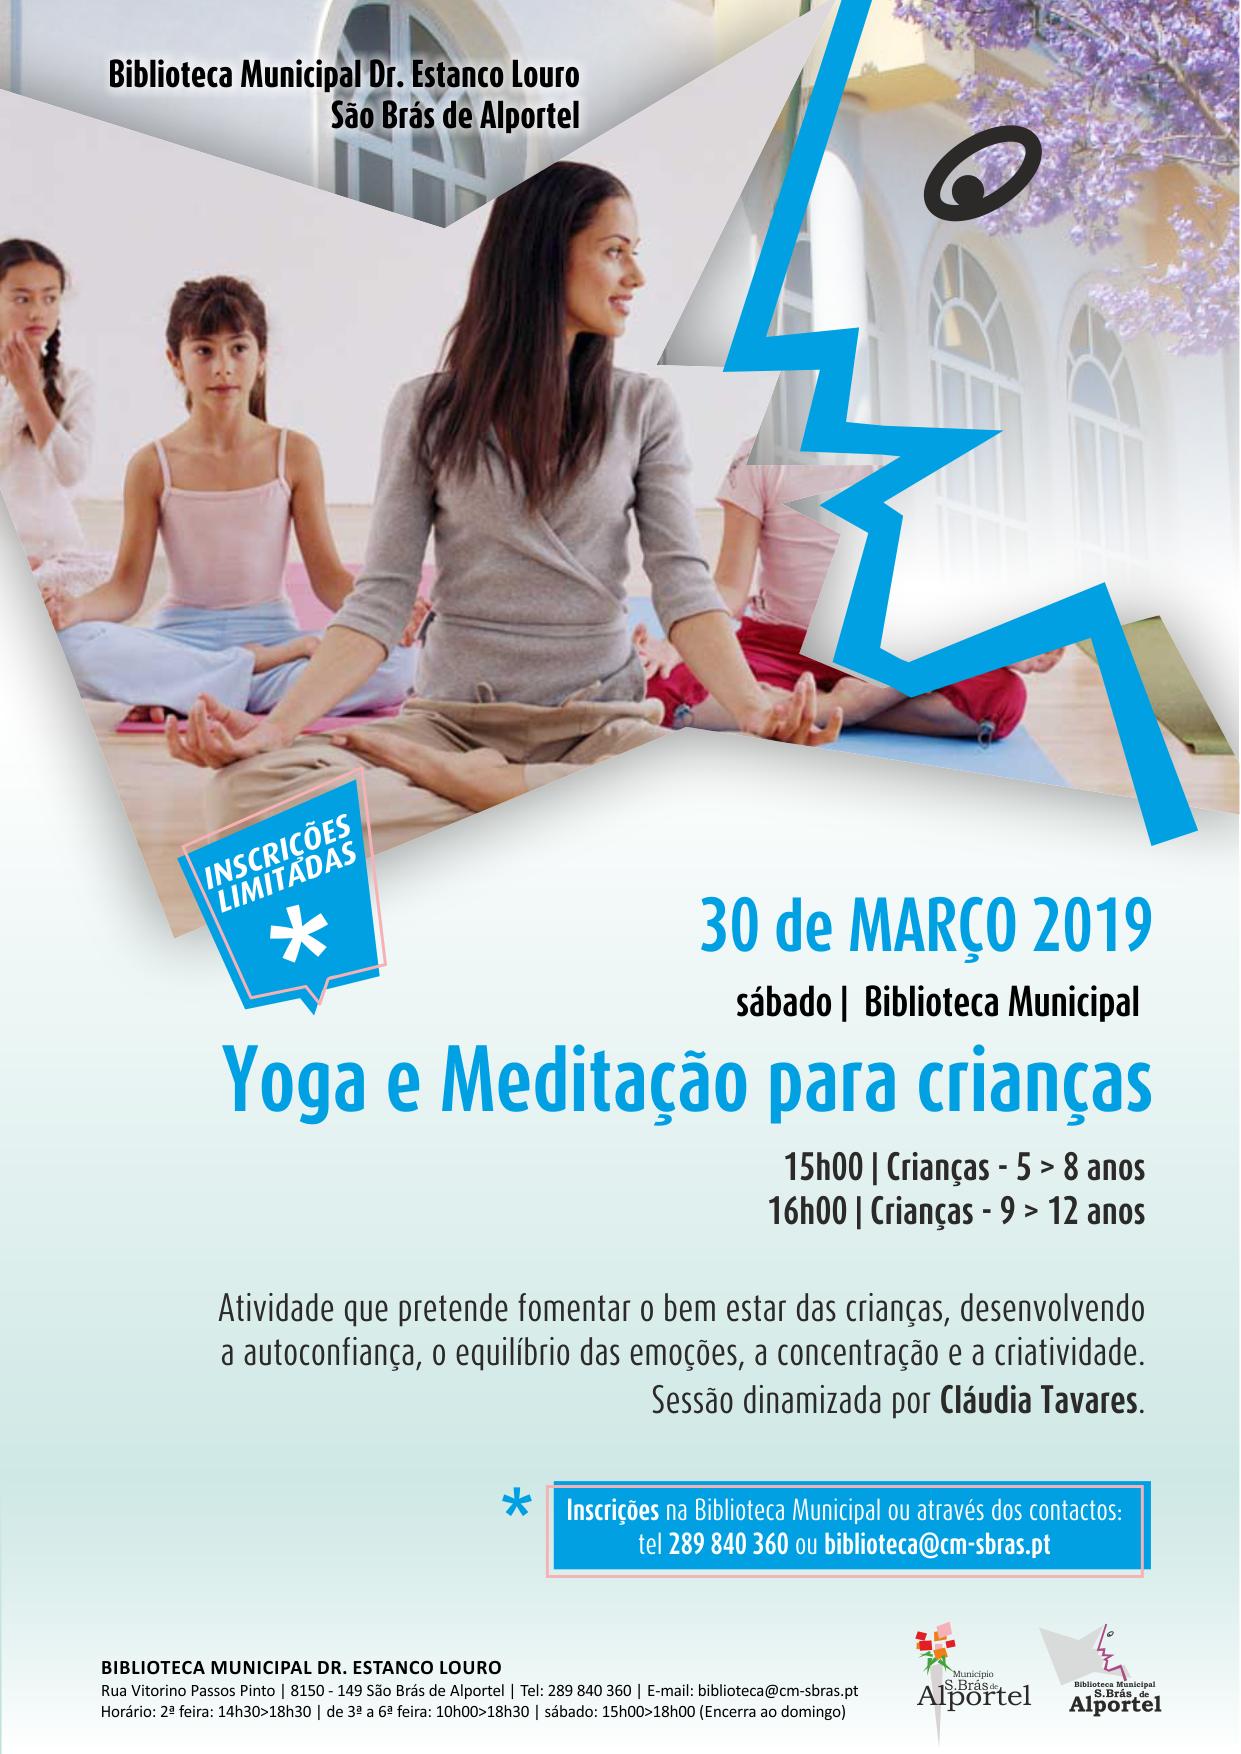 cartaz da sessão de yoga para crianças